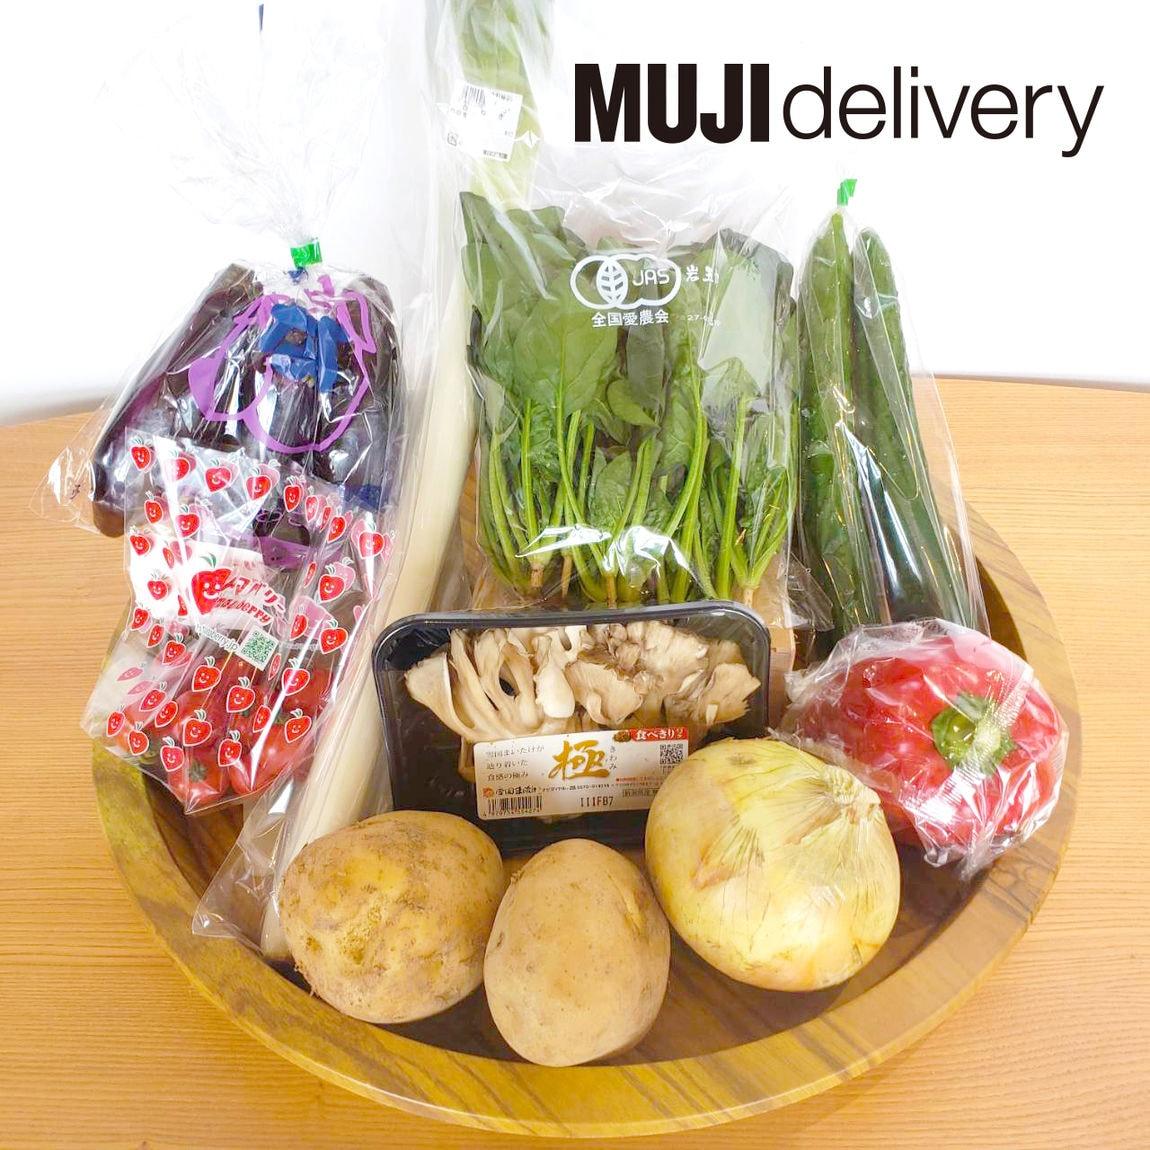 【堺北花田】MUJI delivery 今週もお野菜をお届けします|お知らせ